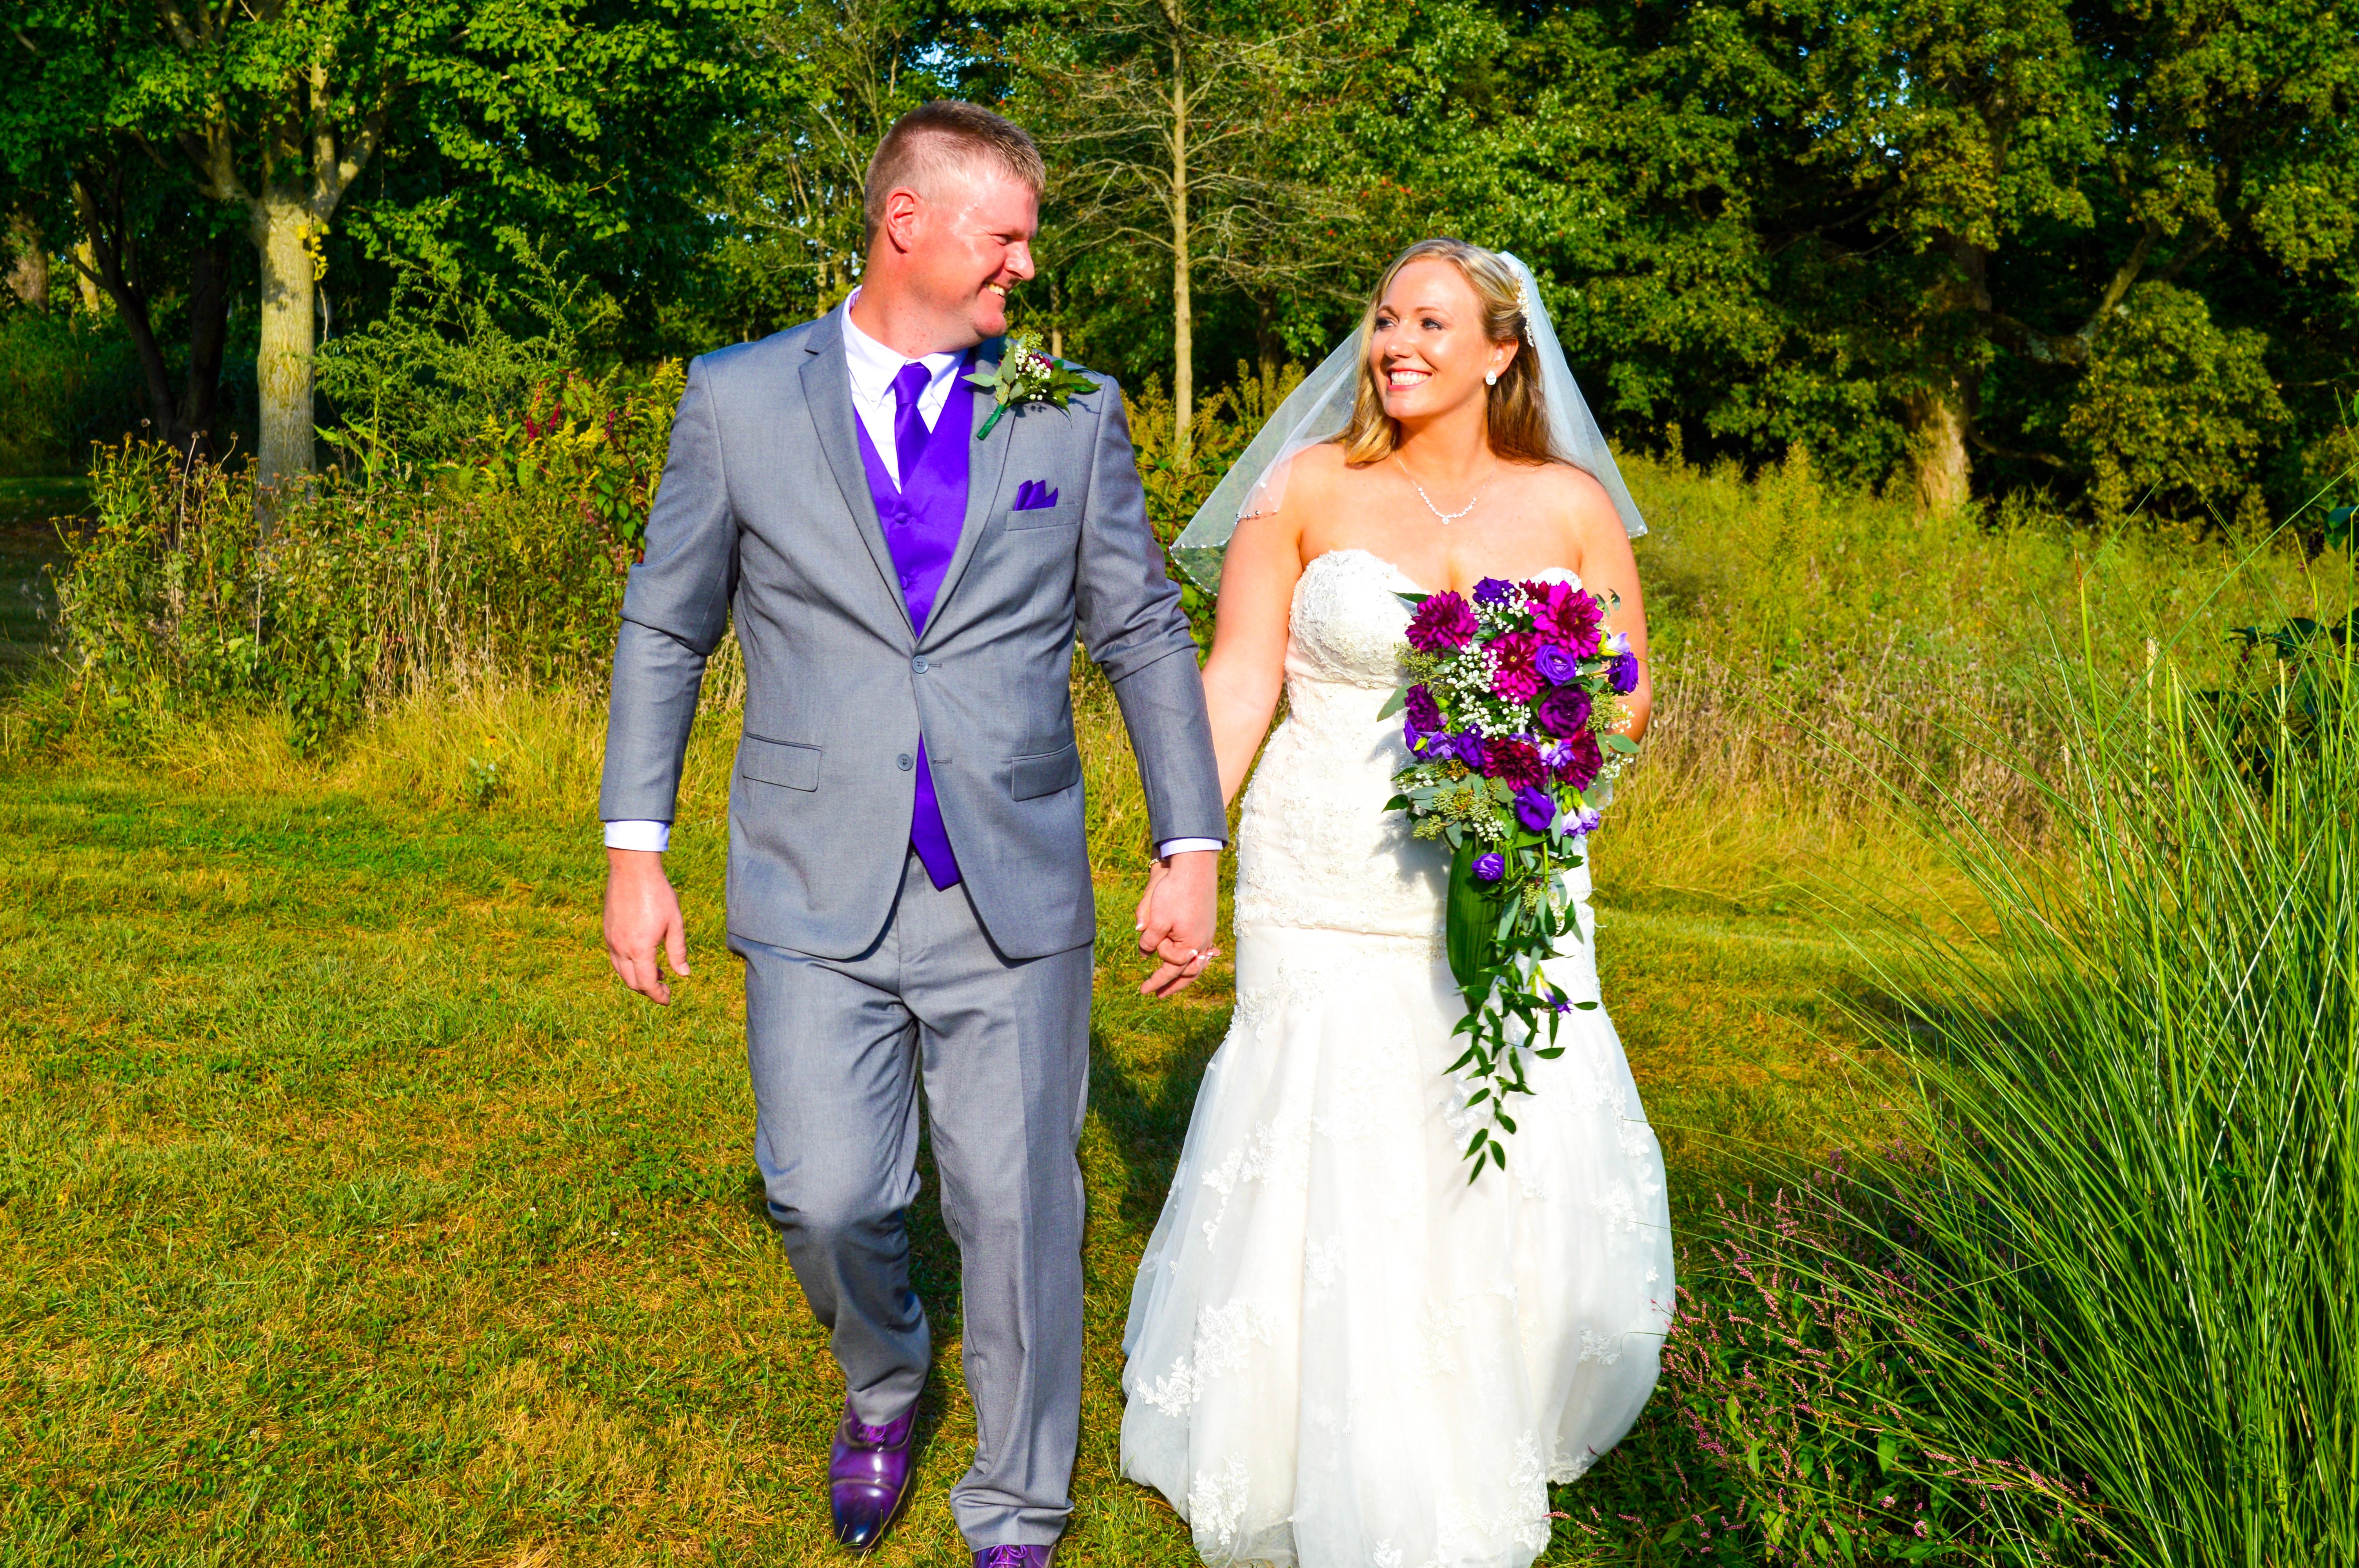 Wedding Photo (4 hours)